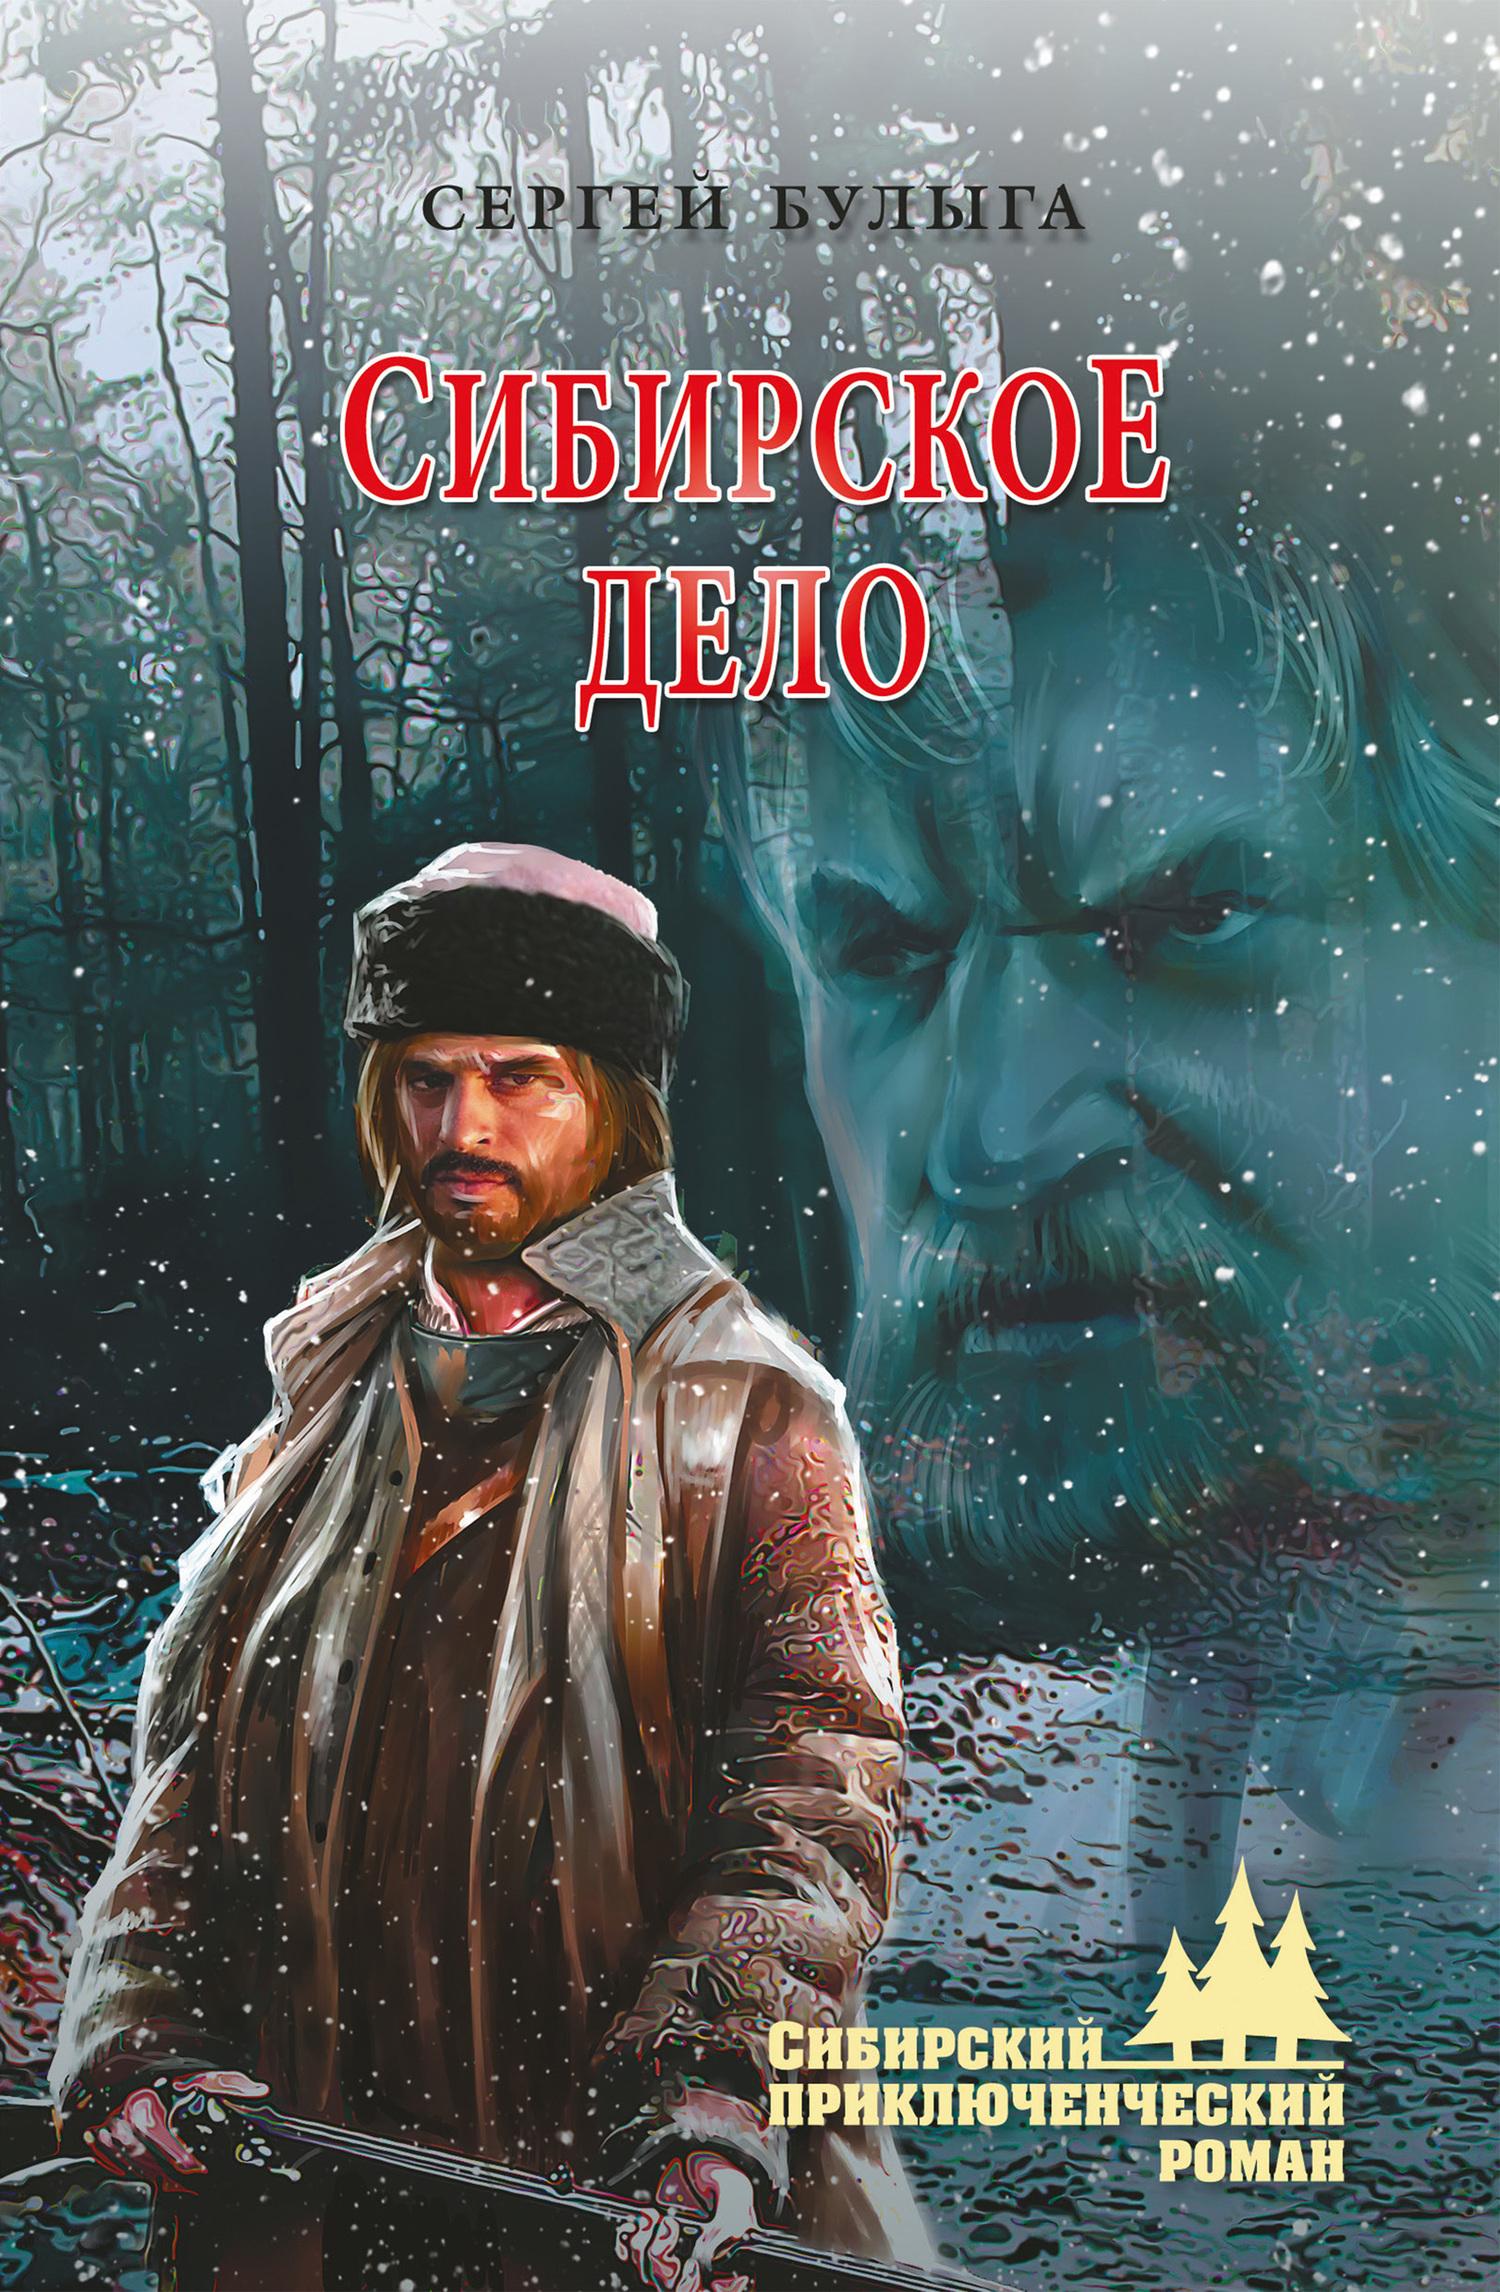 Сибирское дело